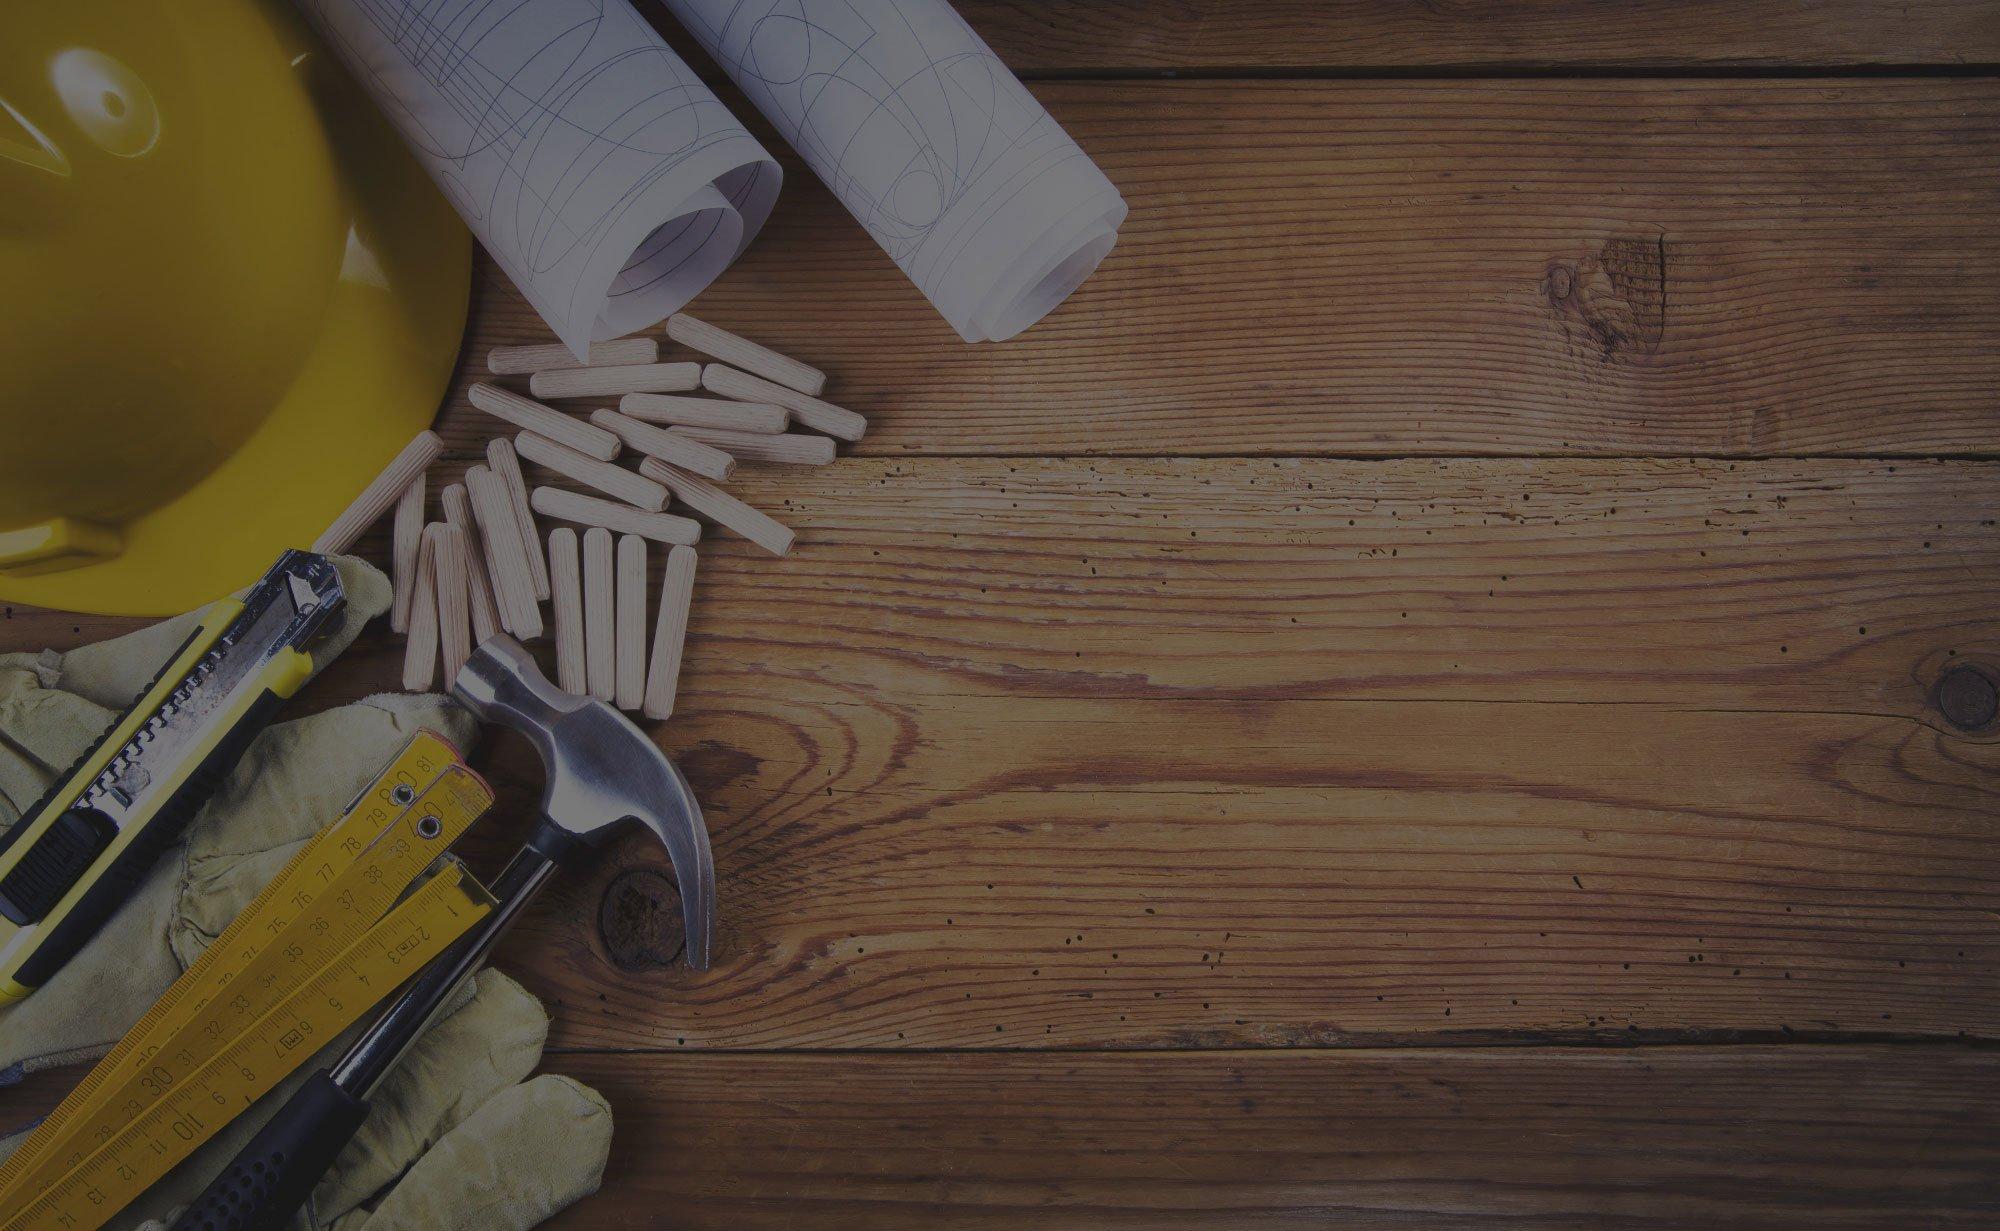 ساخت ابزارهای صنعتی